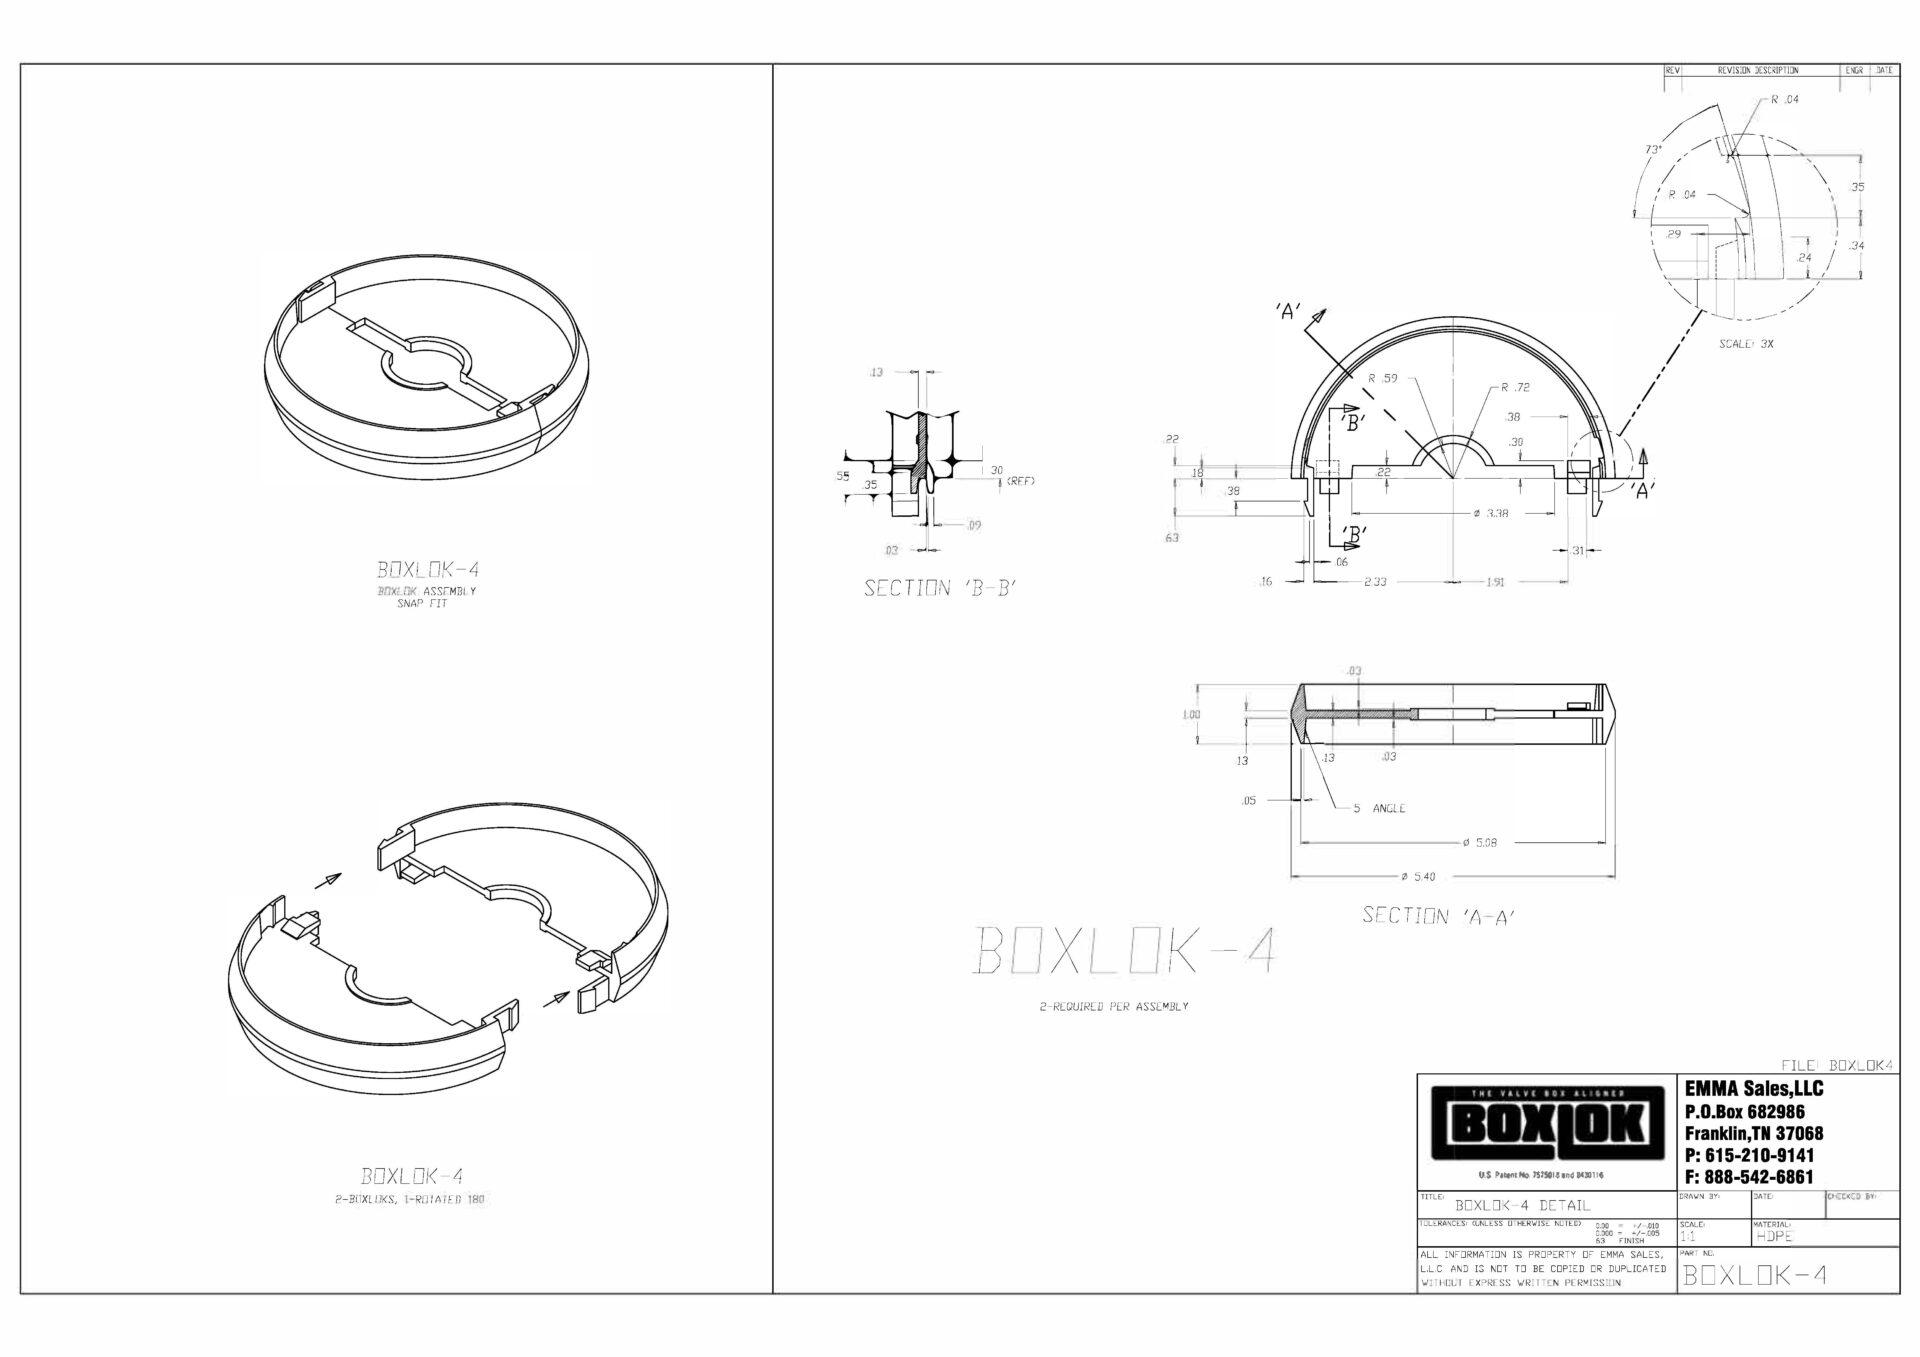 Boxlok-4 Drawing